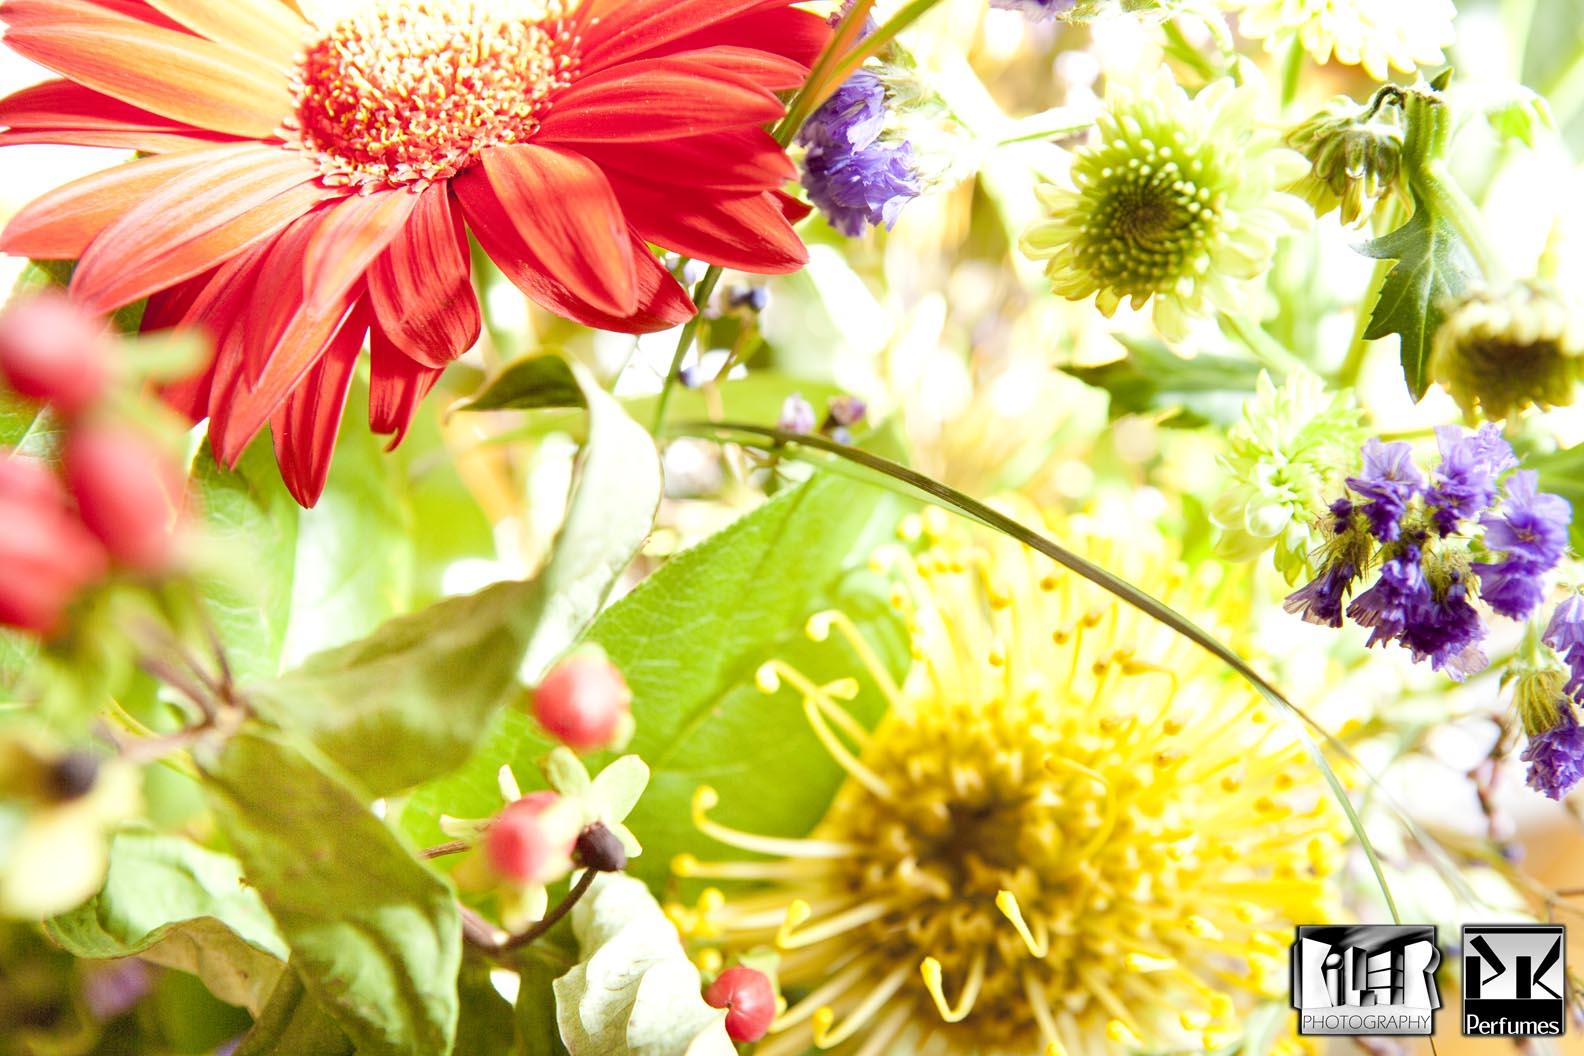 Floral Bouquet 1 - PK Perfumes